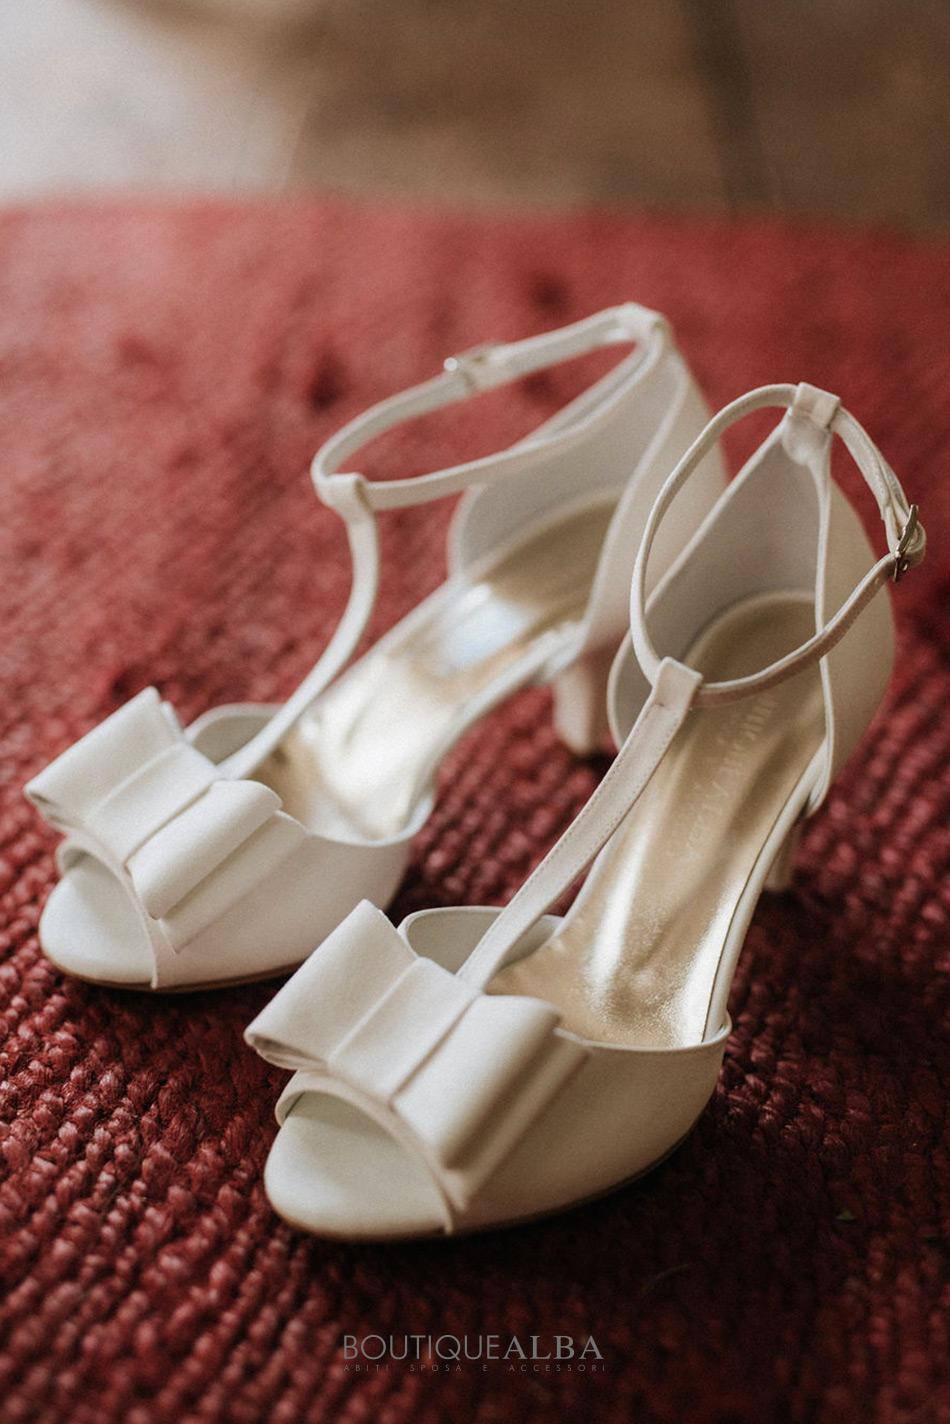 scarpe-sposa-boutique-alba-986